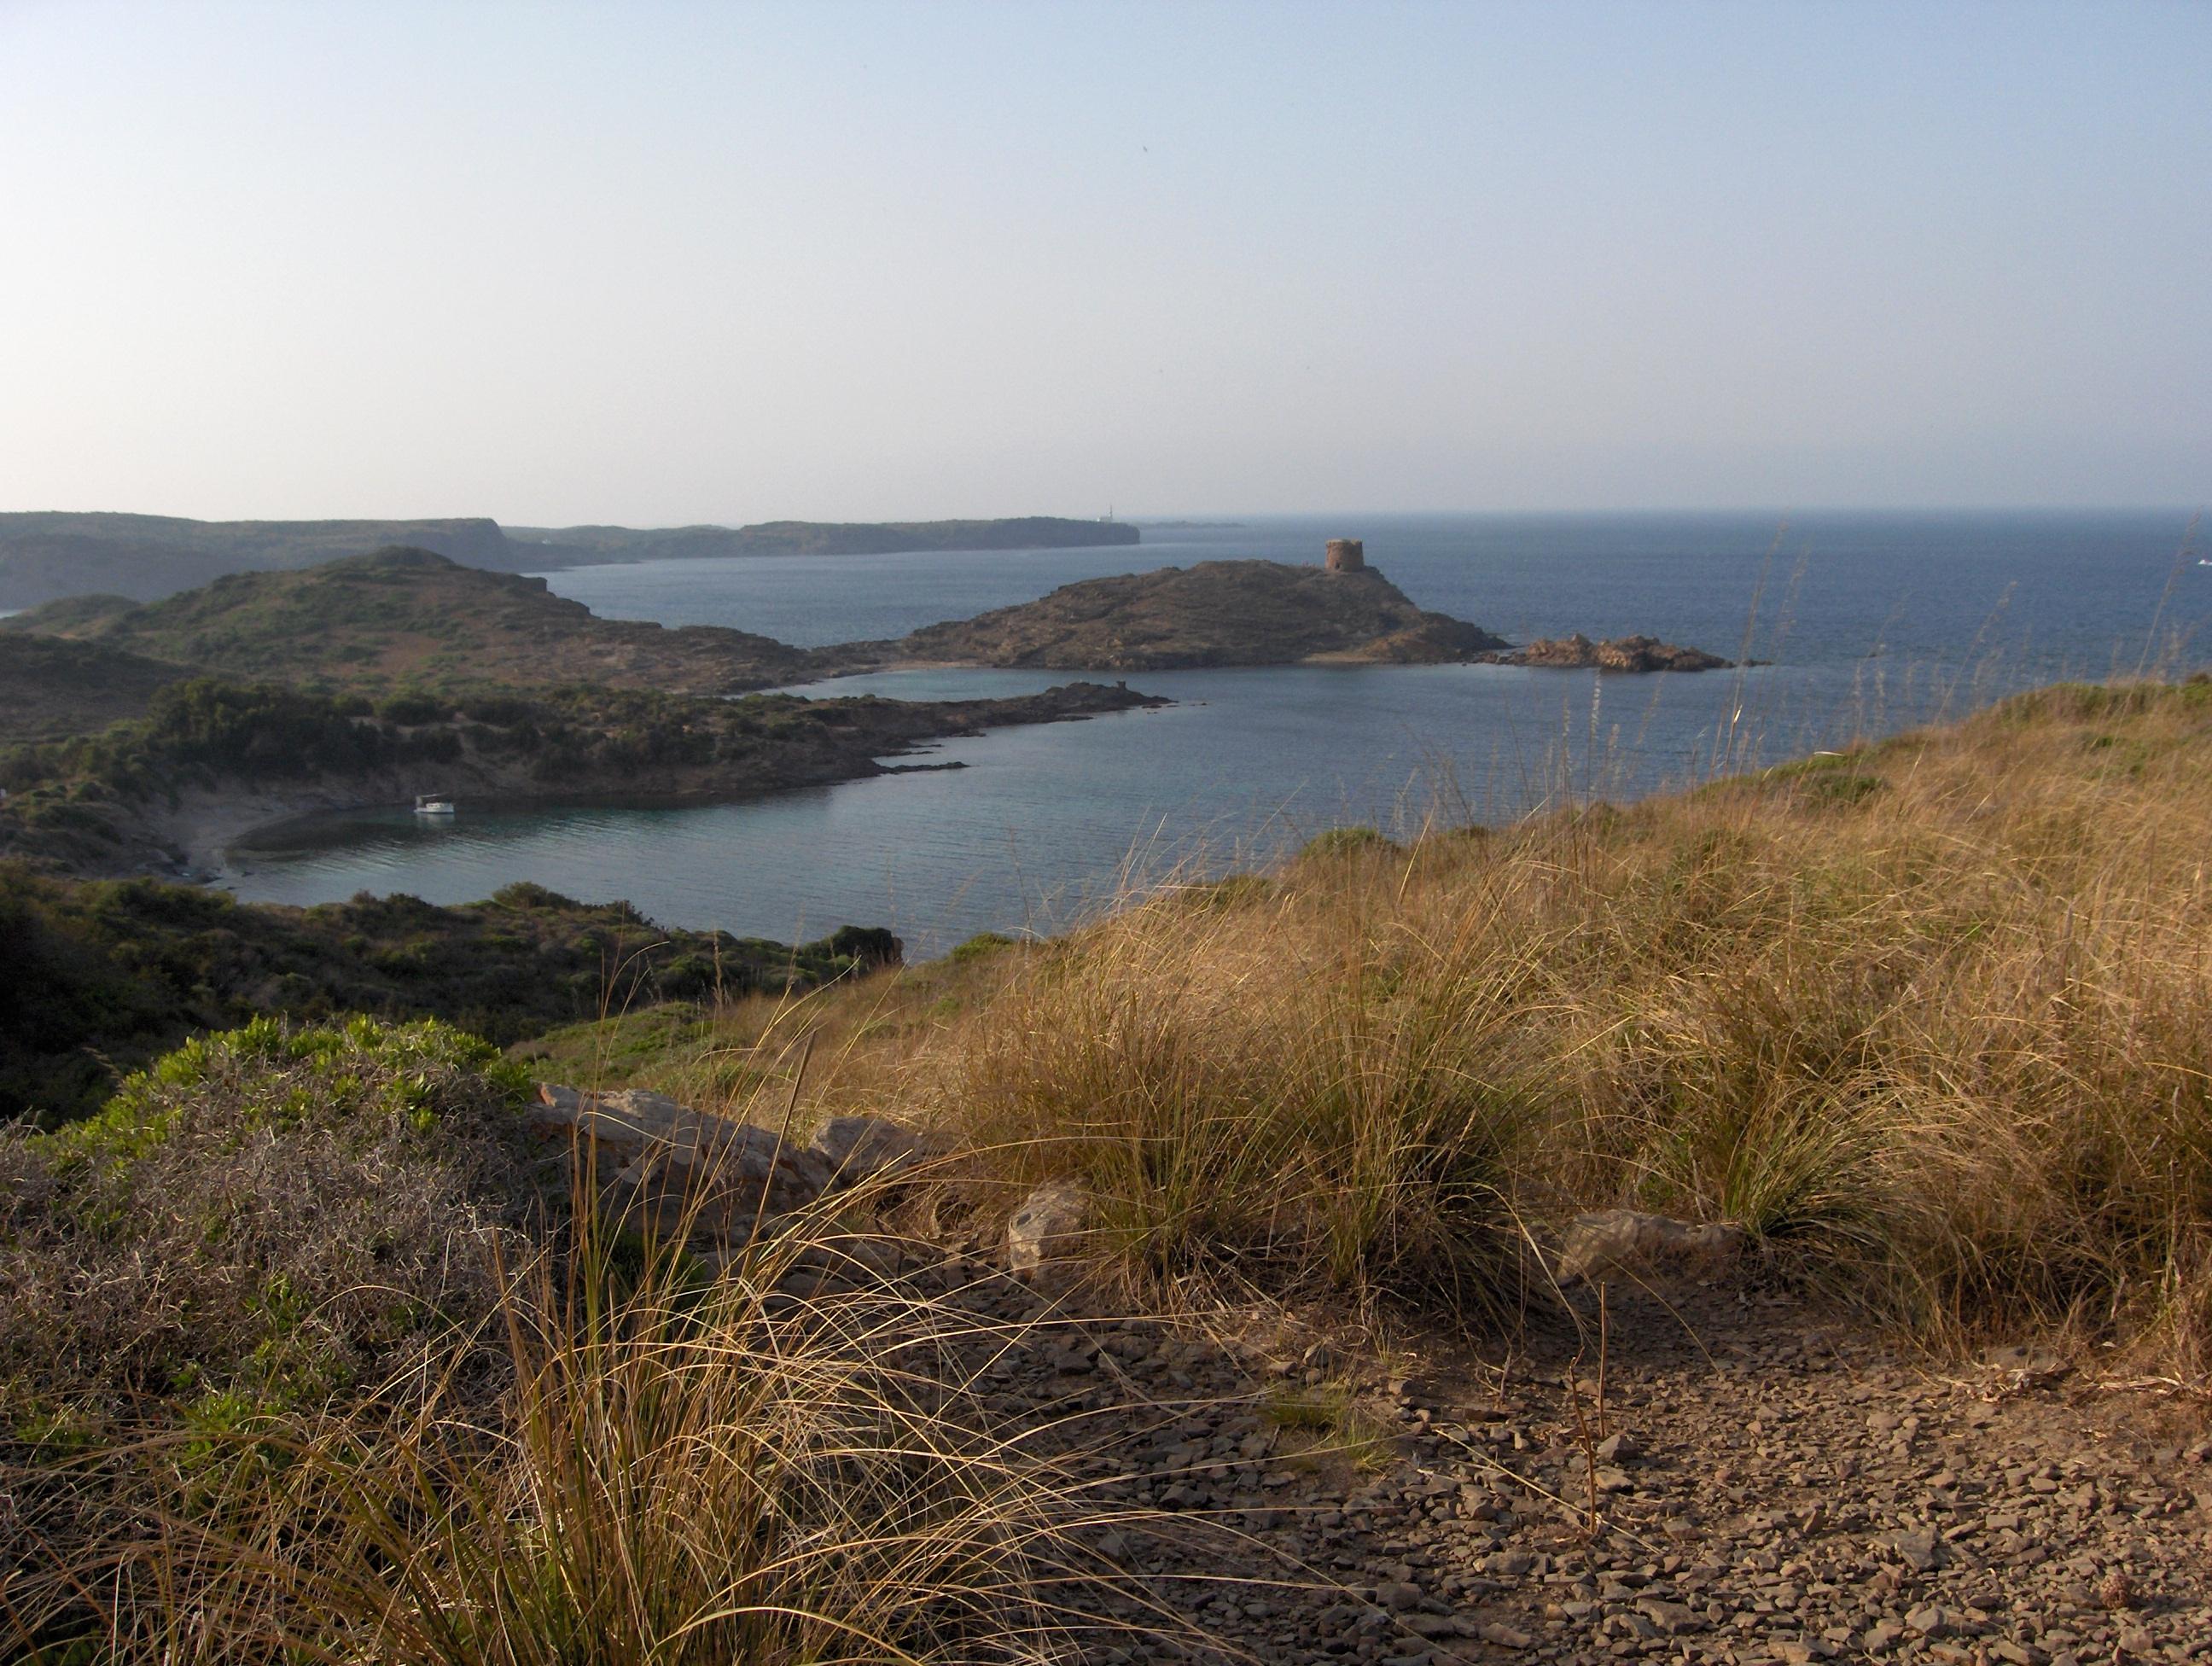 Playa Cala Tamarells